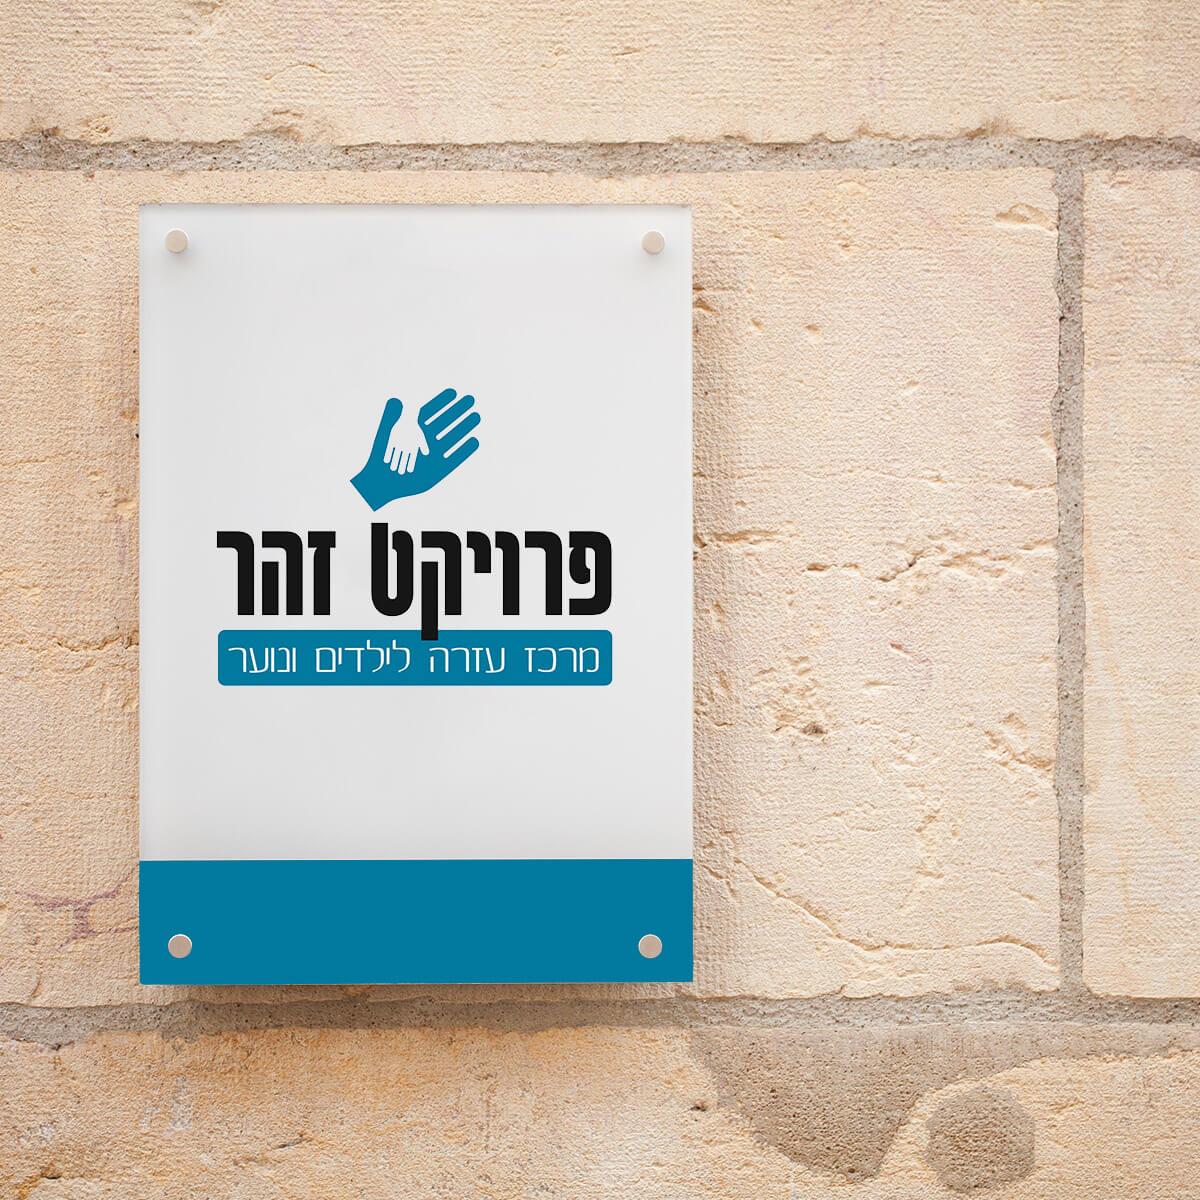 עיצוב לוגו לפרויקט זהר